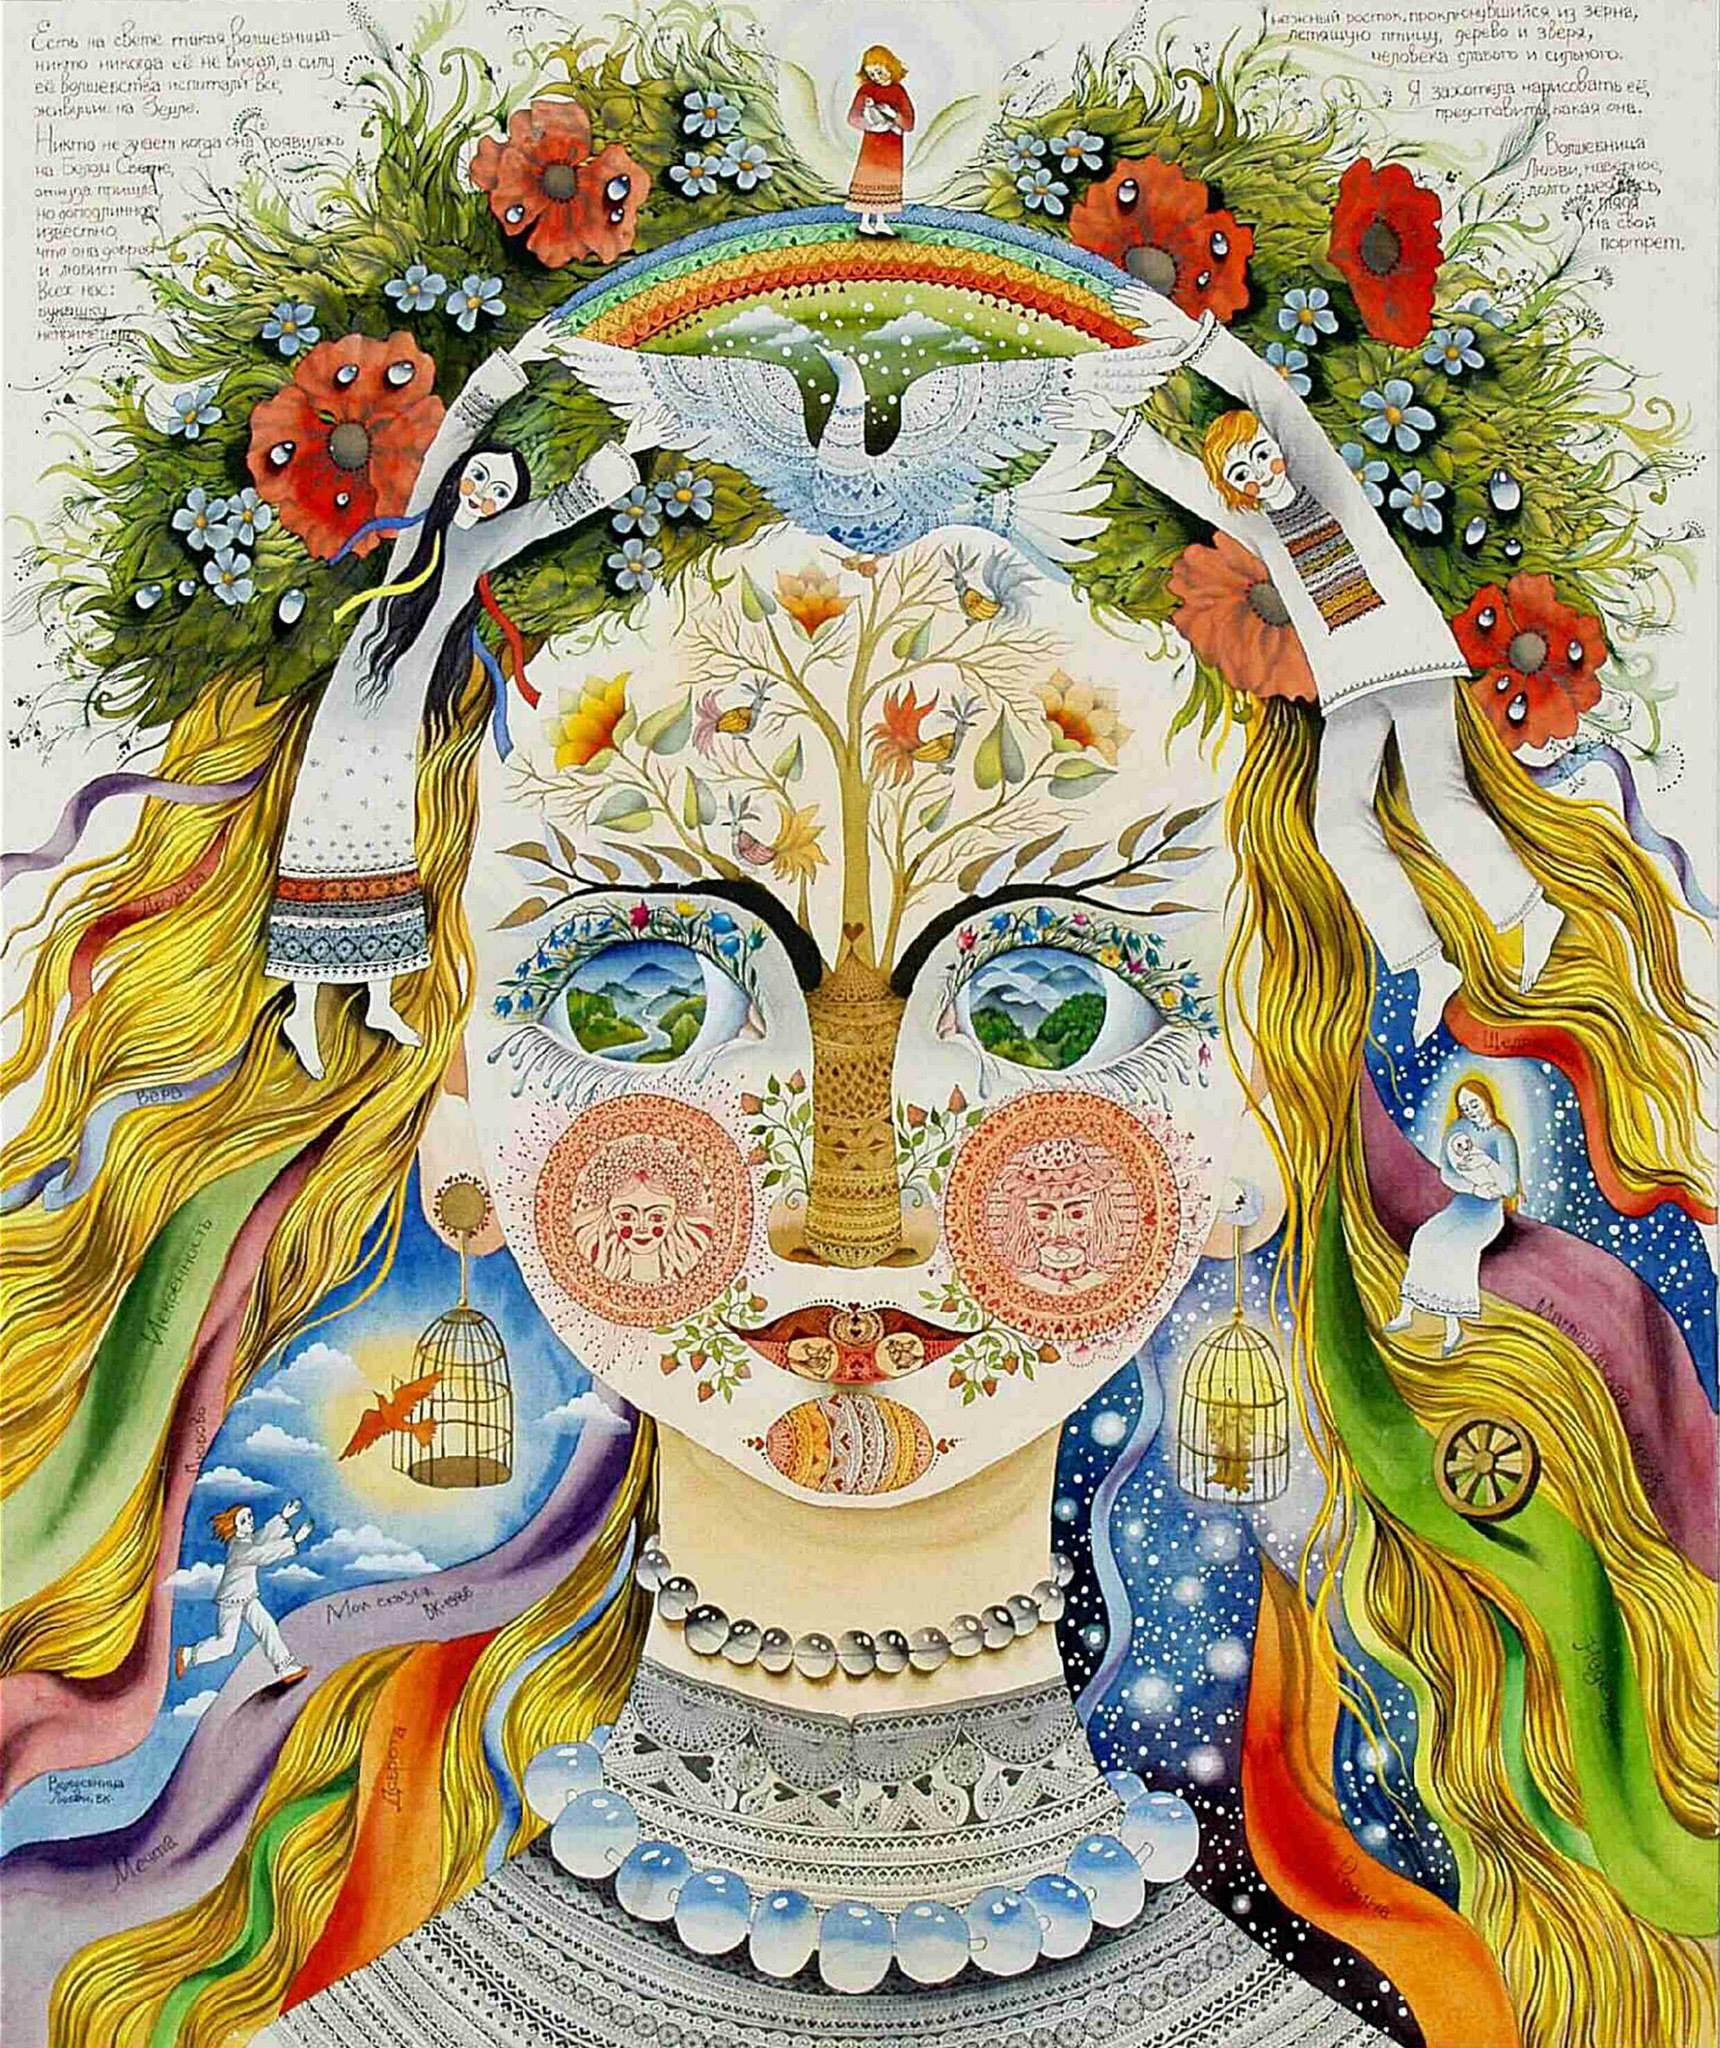 Вікторія Ковальчук. Чарівниця любові; акварель